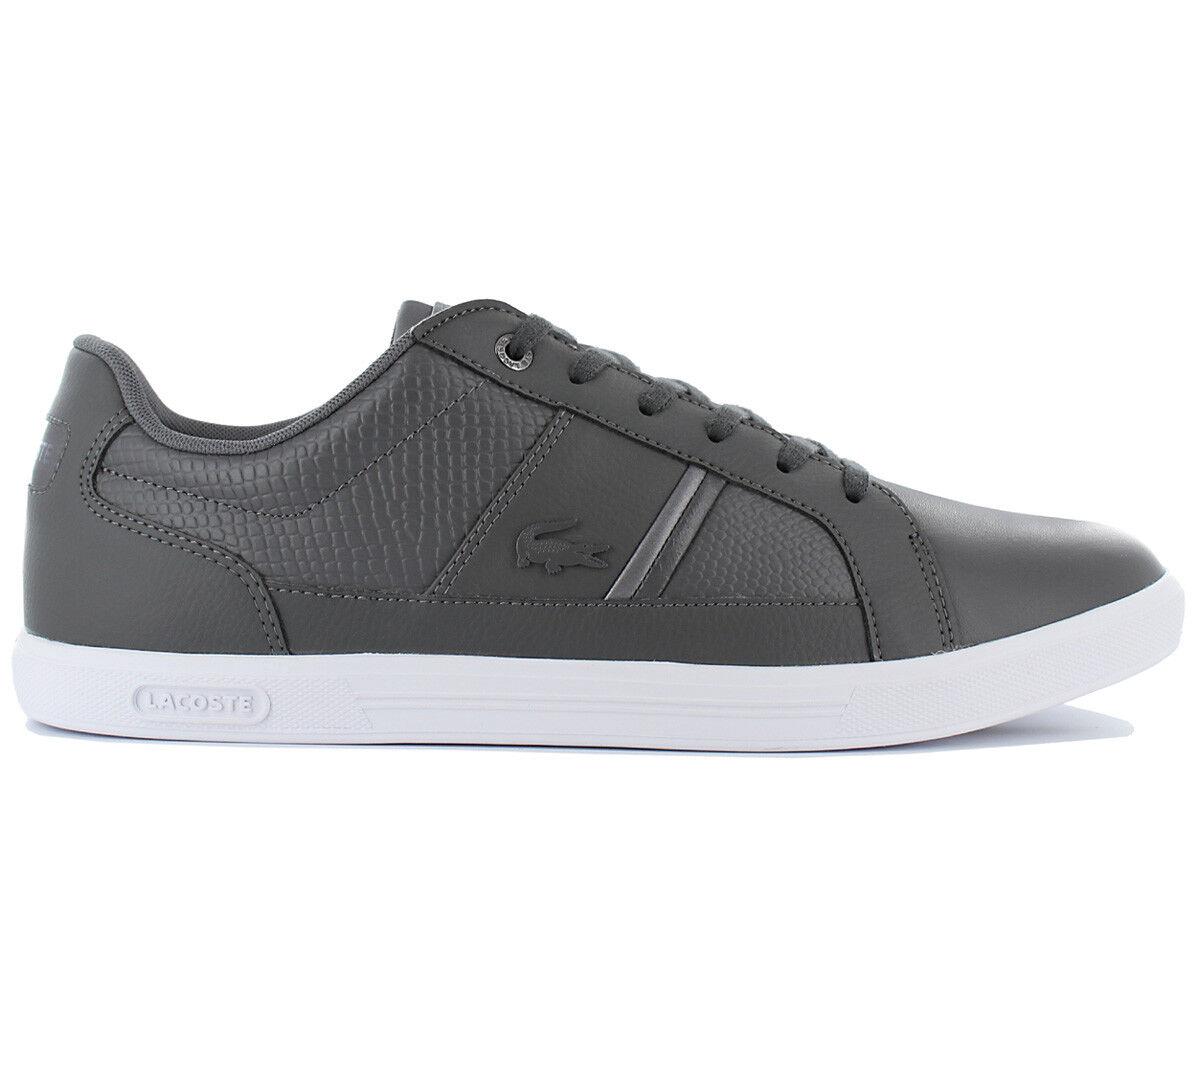 Lacoste Europa 417 1 SPM Herren Schuhe Freizeit Sneaker Leder Grau NEU